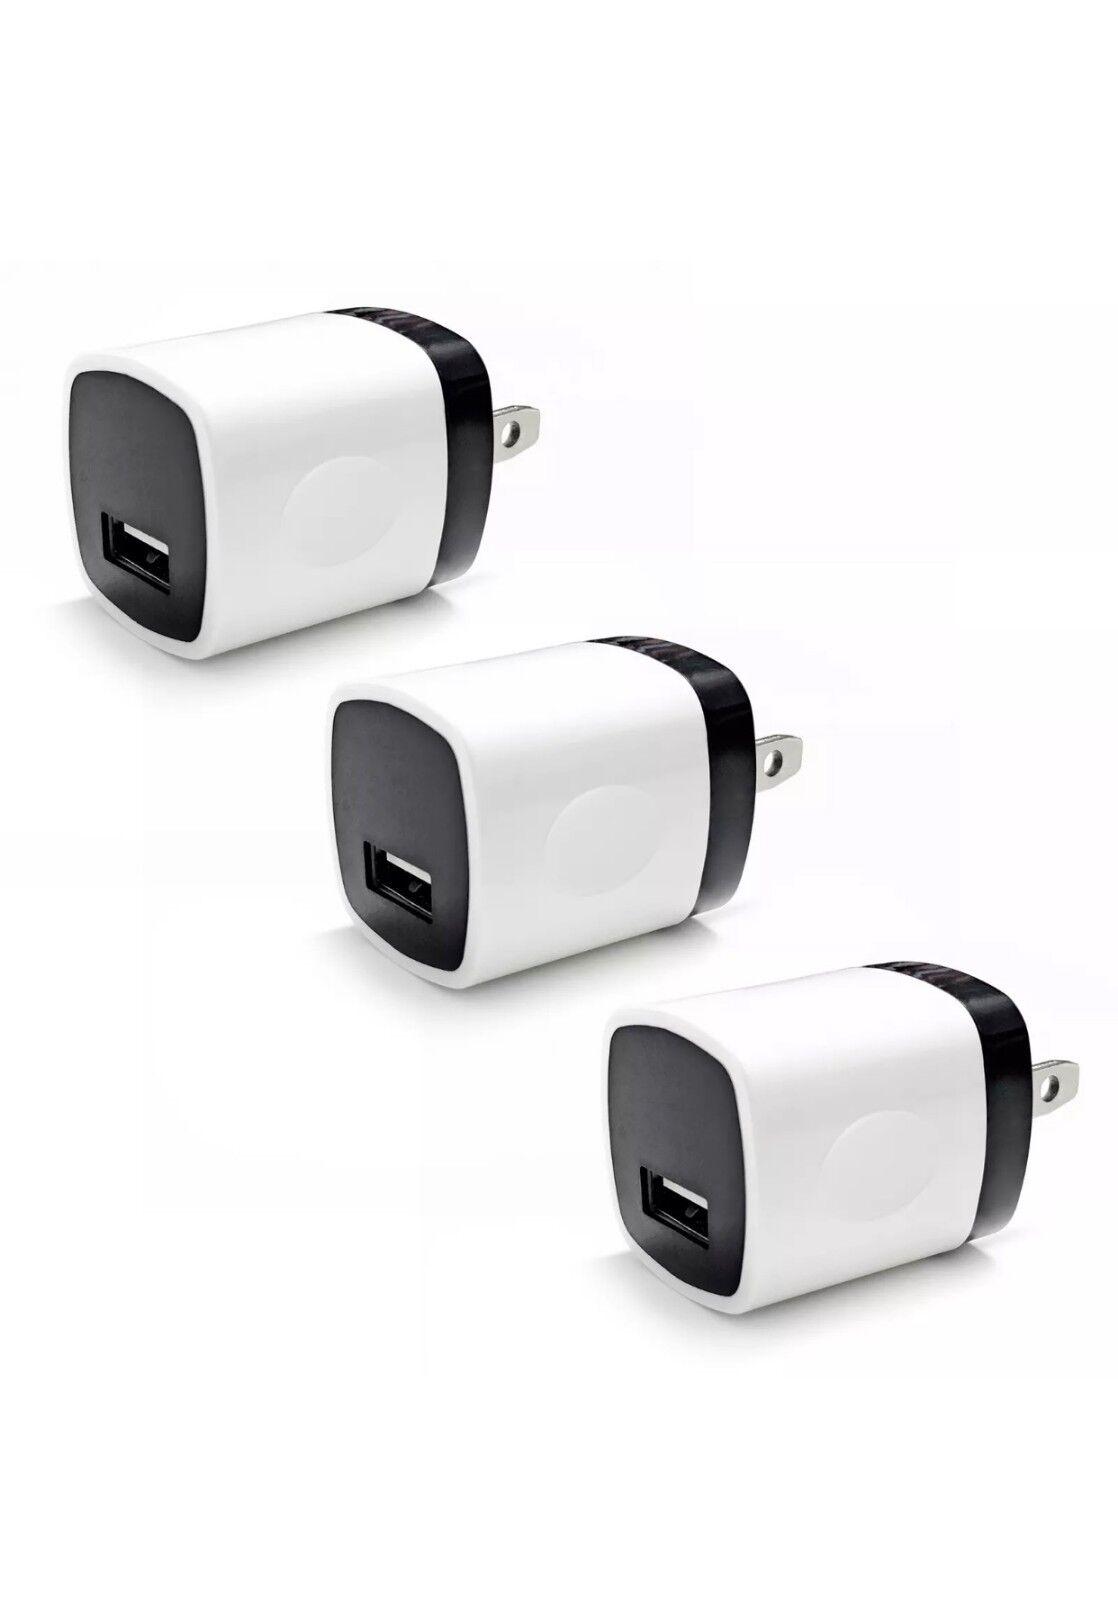 3x USB Wall Charger Power Adapter AC Home US Plug FOR Samsun